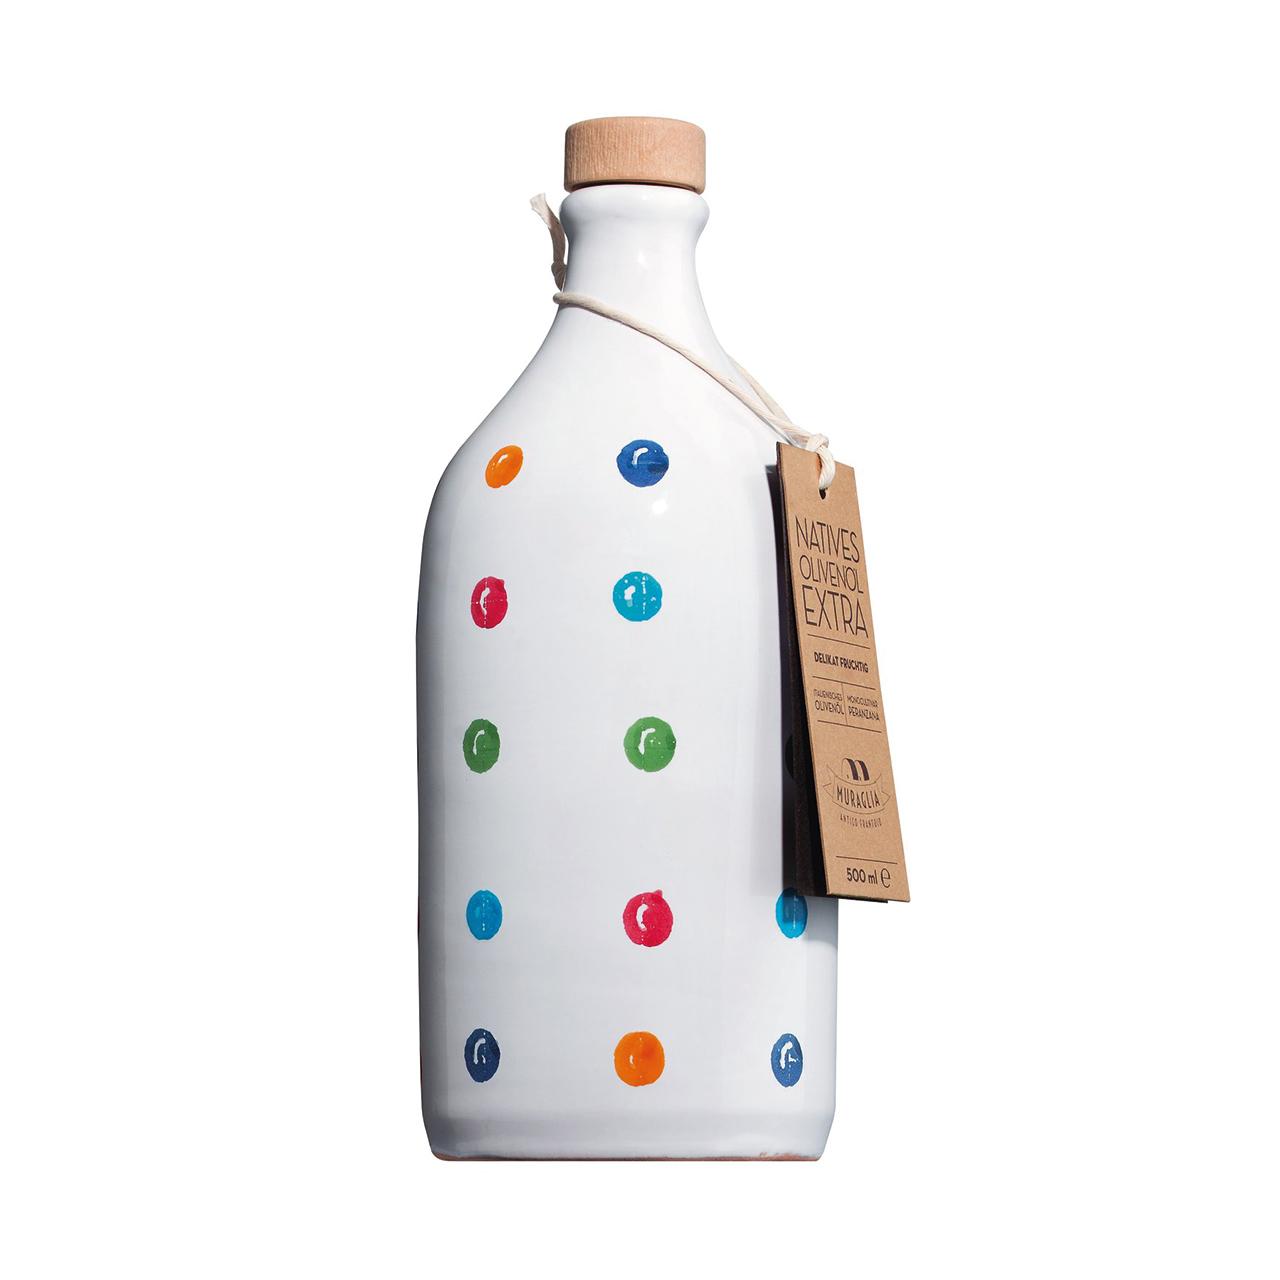 Olivenöl  in Tonflasche *gepunktet* extra vergine I Muraglia